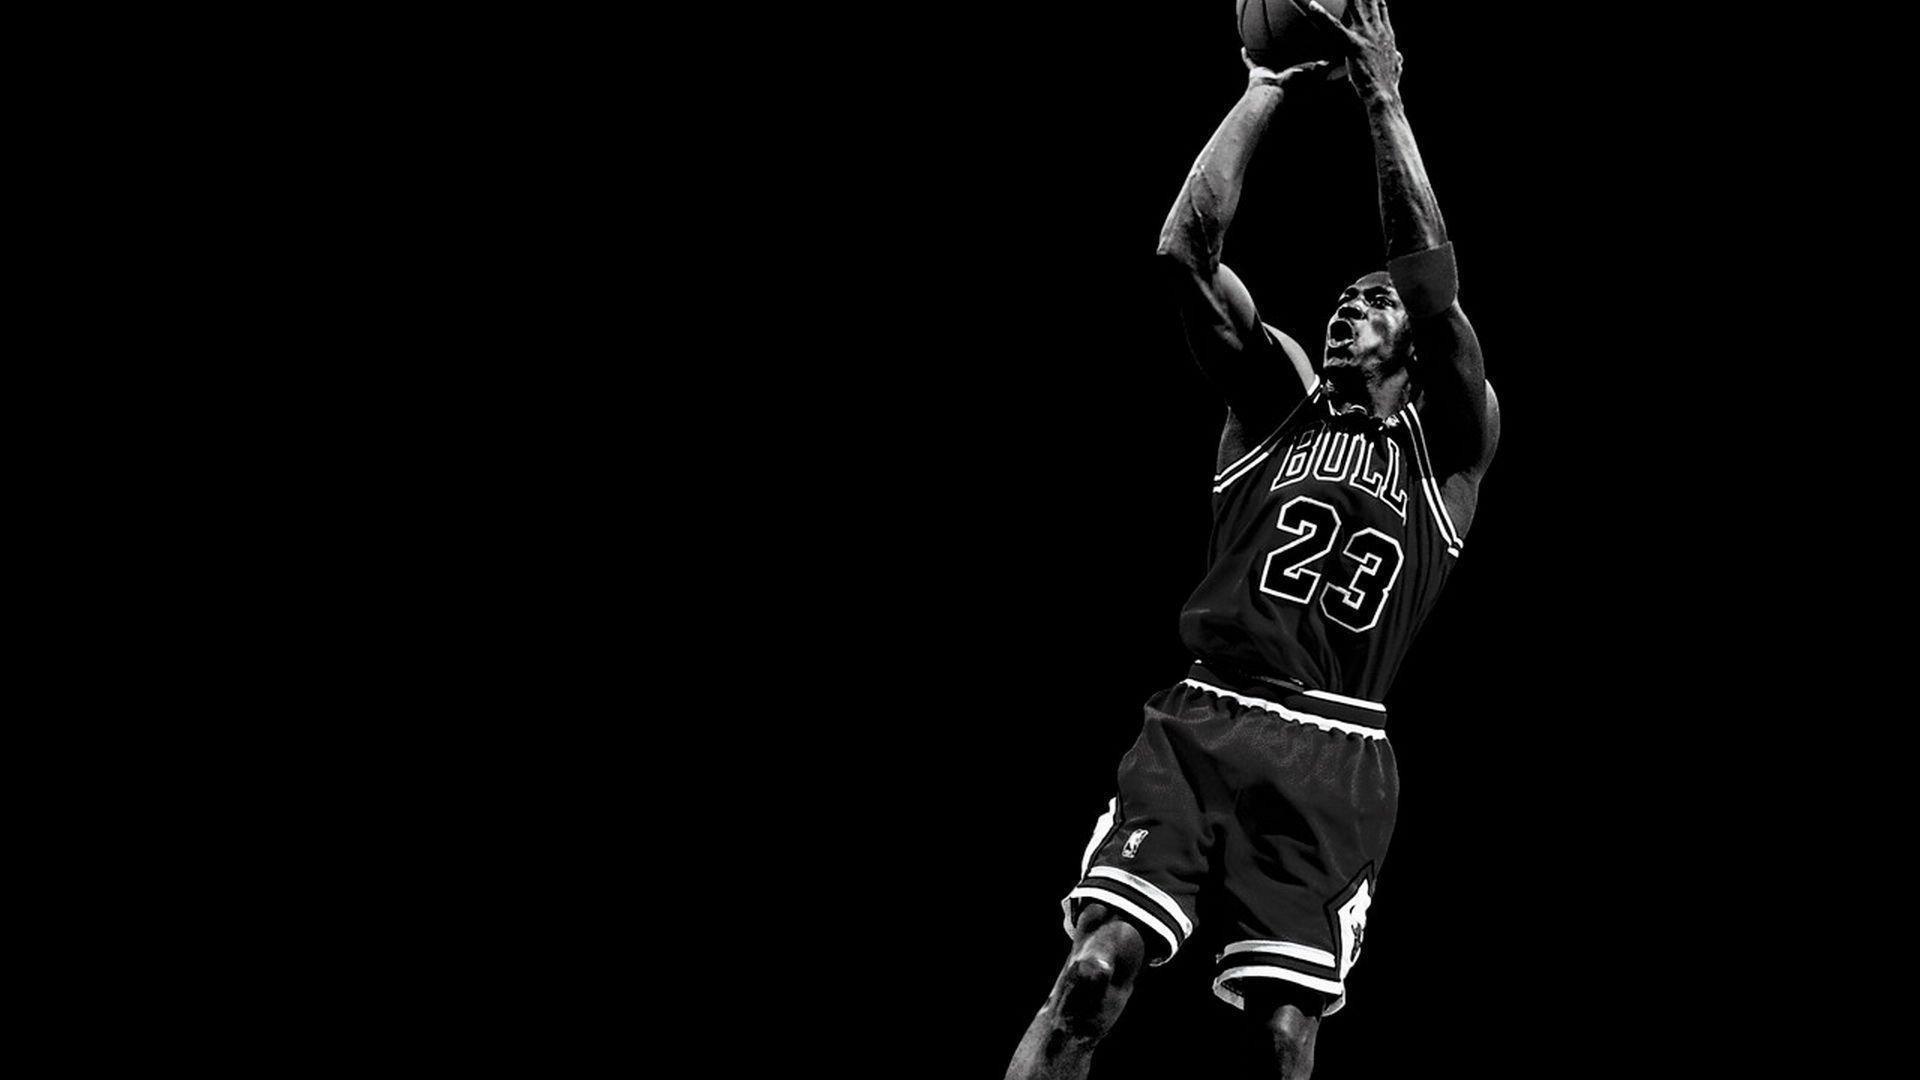 1920x1080 Fonds DACcran Michael Jordan Tous Les Wallpapers